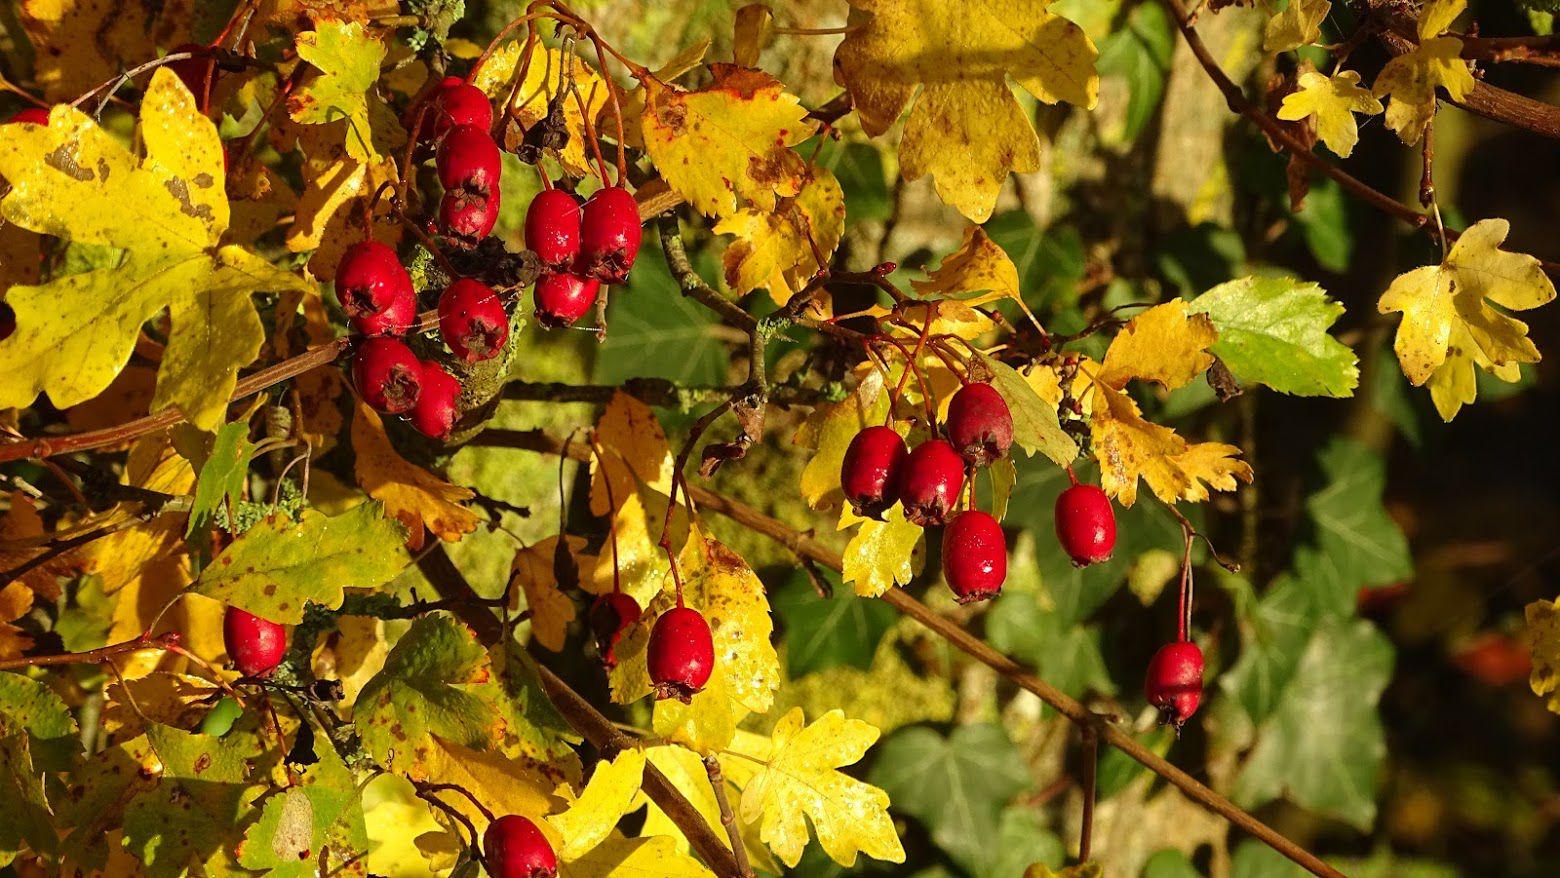 Les fruits de l'aubépine sont mûrs. Ils ont la forme d'un petit tonnelet de couleur rouge : on les appelle des cenelles. Ils font partis des fruits comestibles de la haie... Photo : JLS (Cliquez pour agrandir)